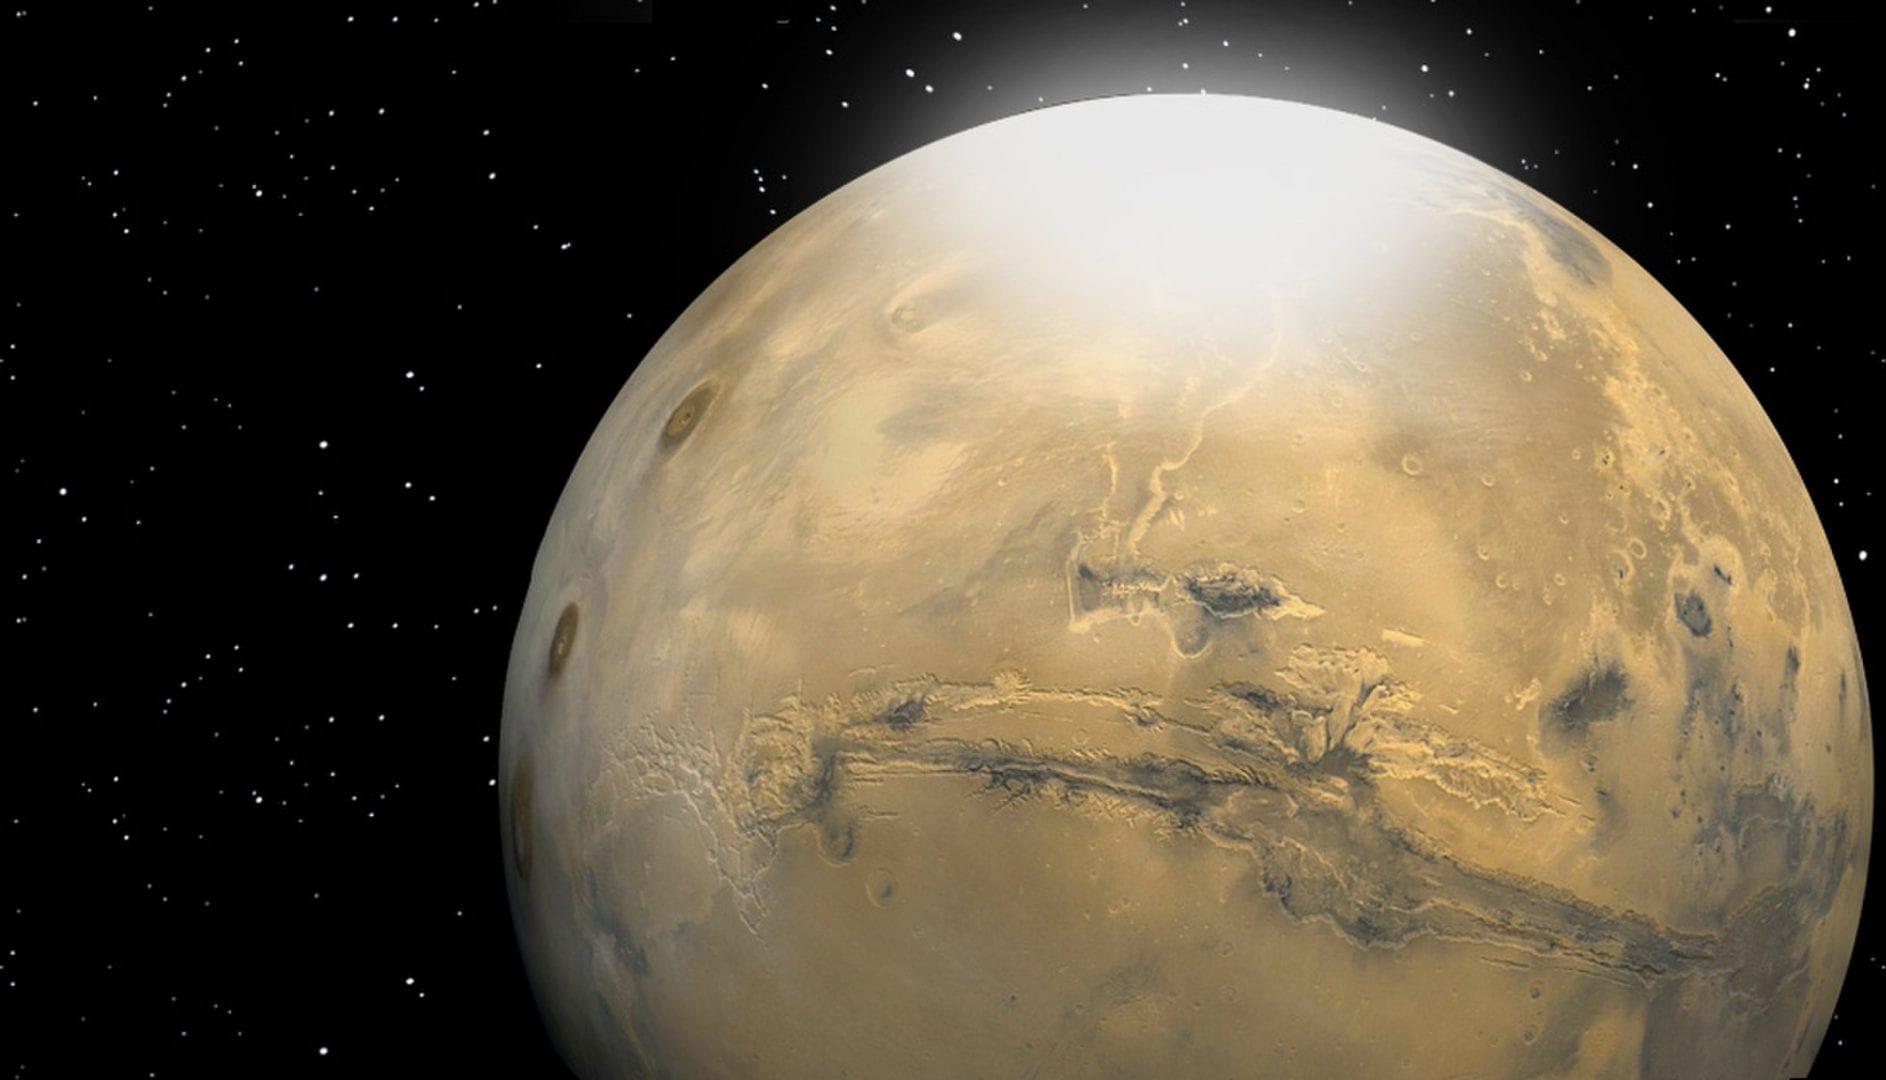 Marte - Características, presença de água e tudo sobre o planeta vermelho